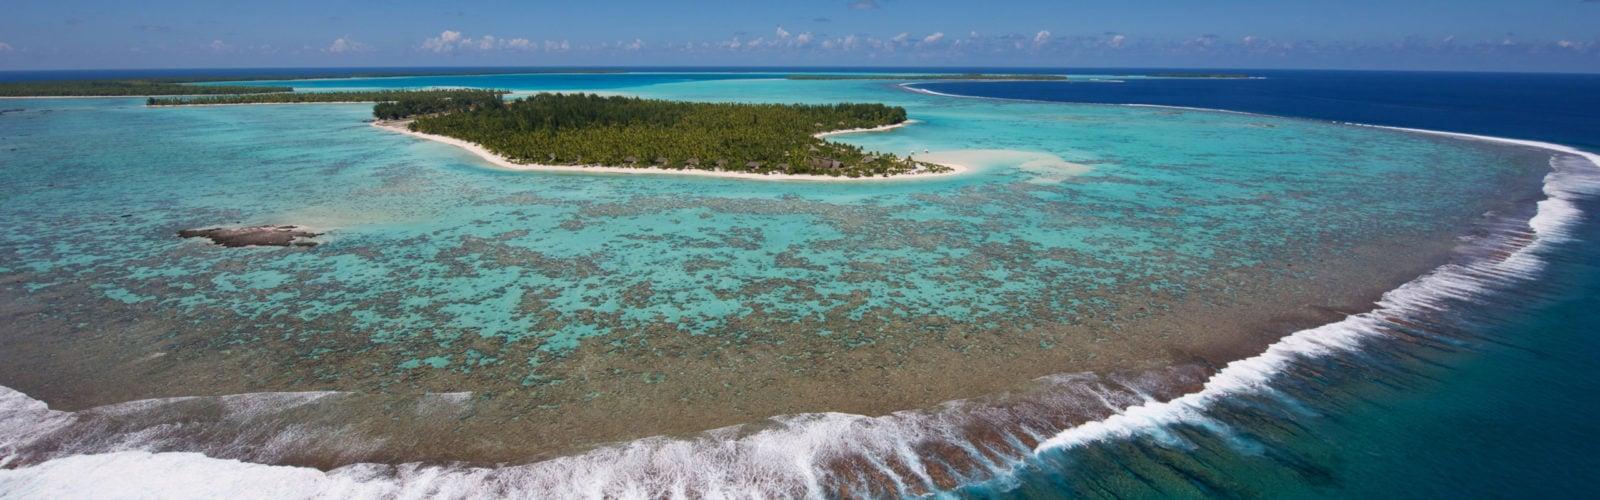 tetiaroa-island-aerial